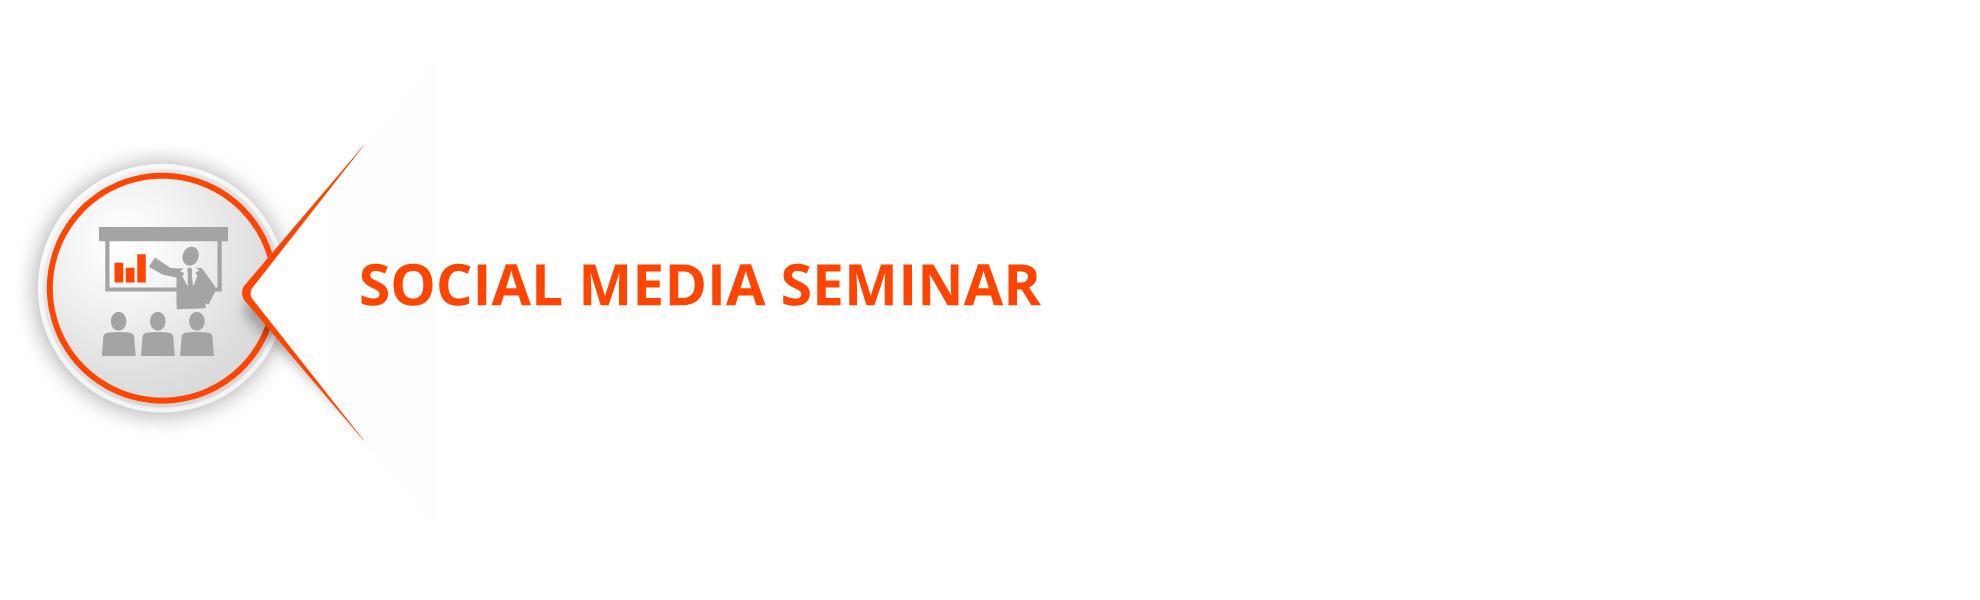 social-media-seminar-azobit